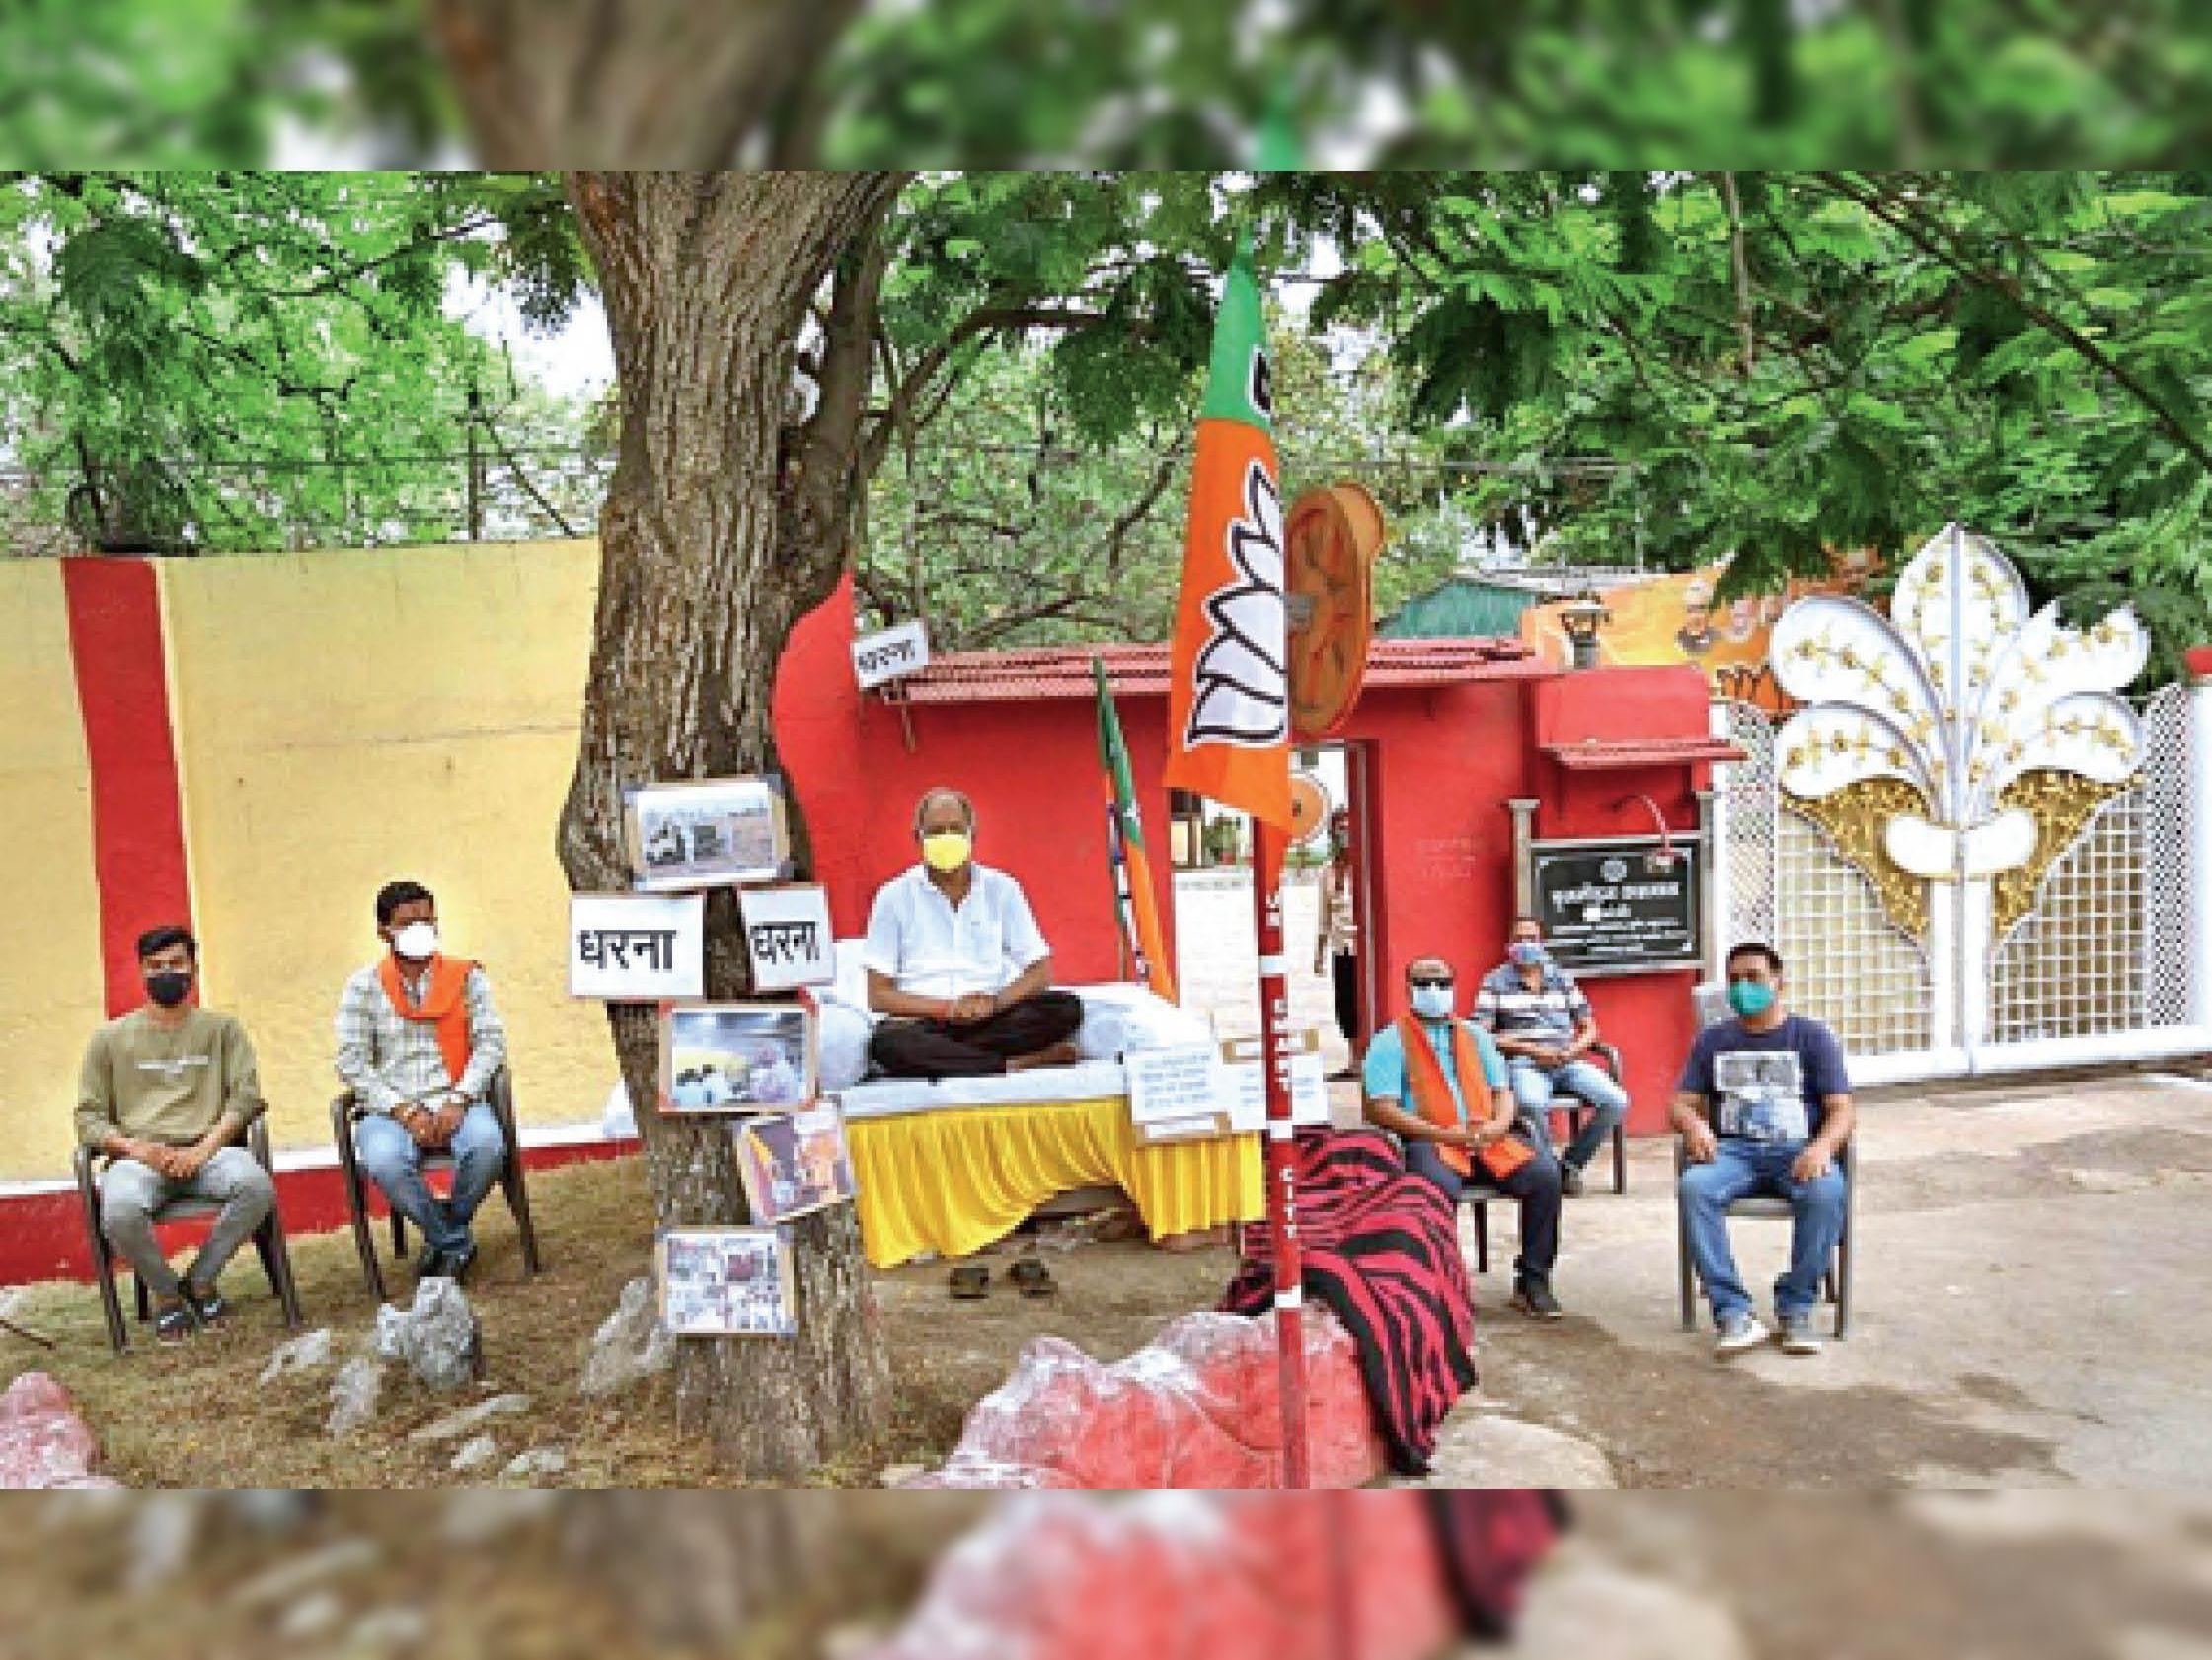 घरों के सामने धरने पर बैठे भाजपाई, पूछा - डीएमएफ के 2000 व सेस के 400 करोड़ कहां रखे हैं|रायपुर,Raipur - Dainik Bhaskar